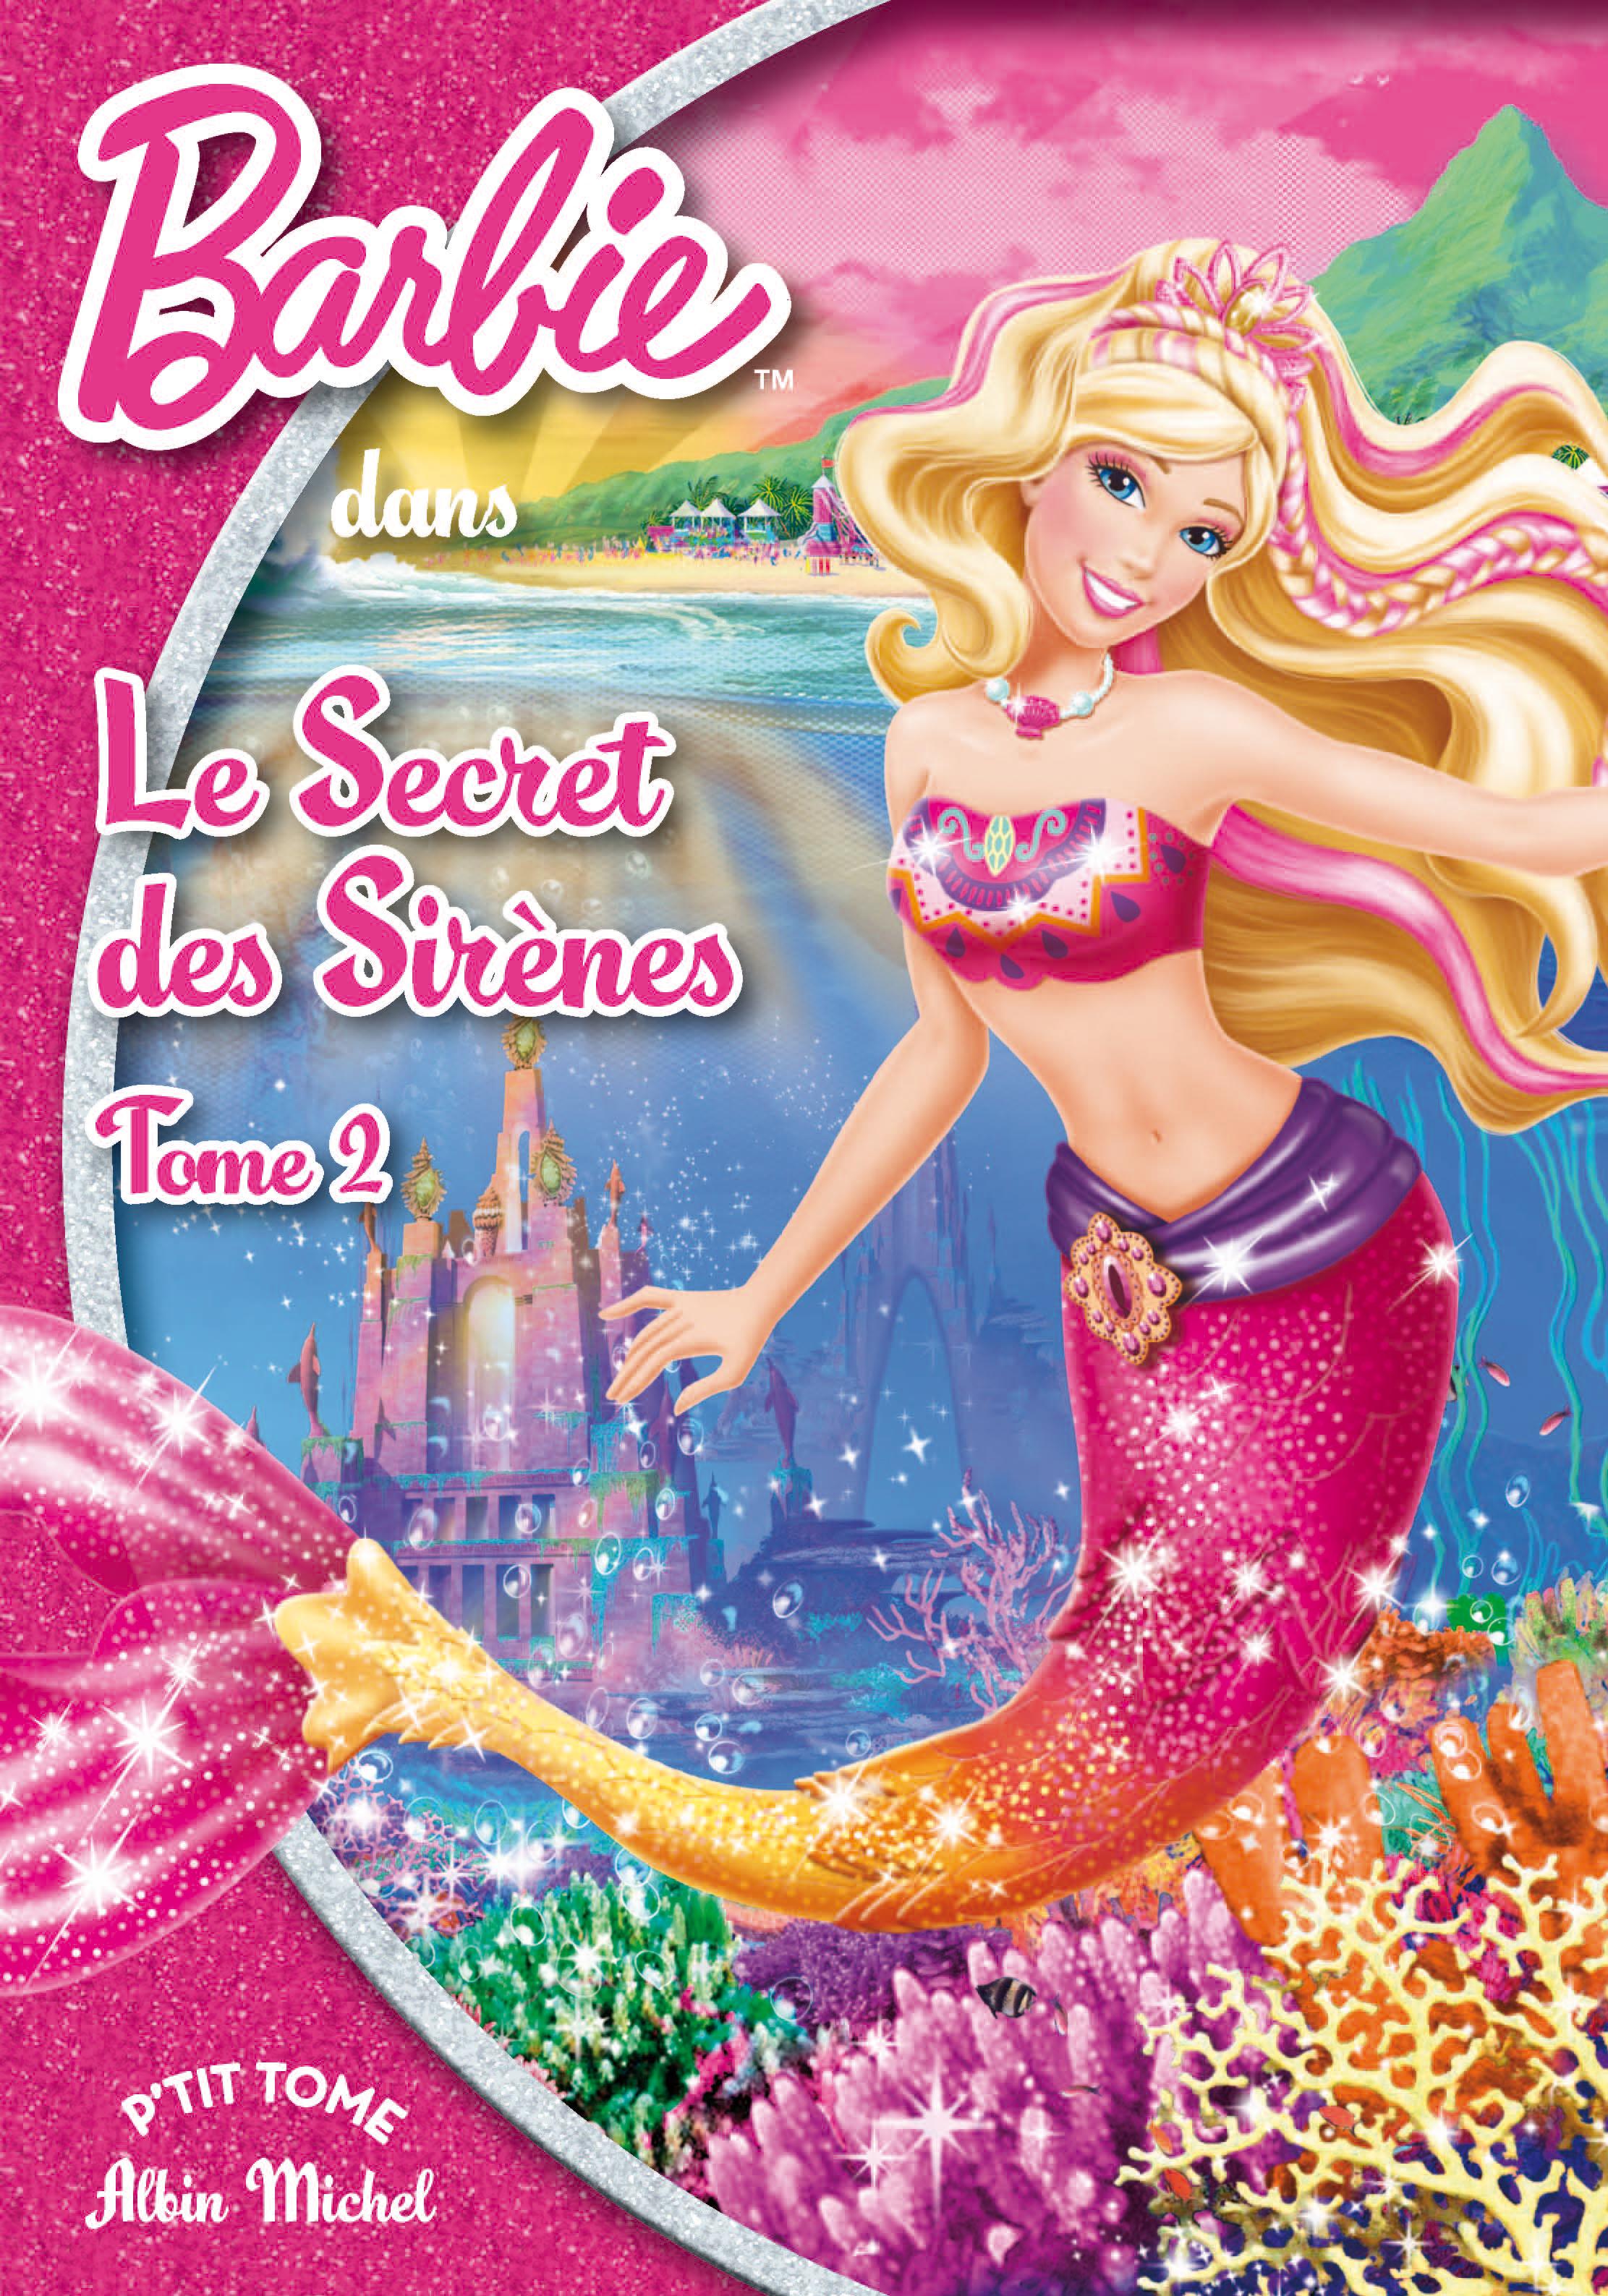 Barbie et le secret des sir nes 2 film cin sanctuary - Le secret des sirenes 2 ...